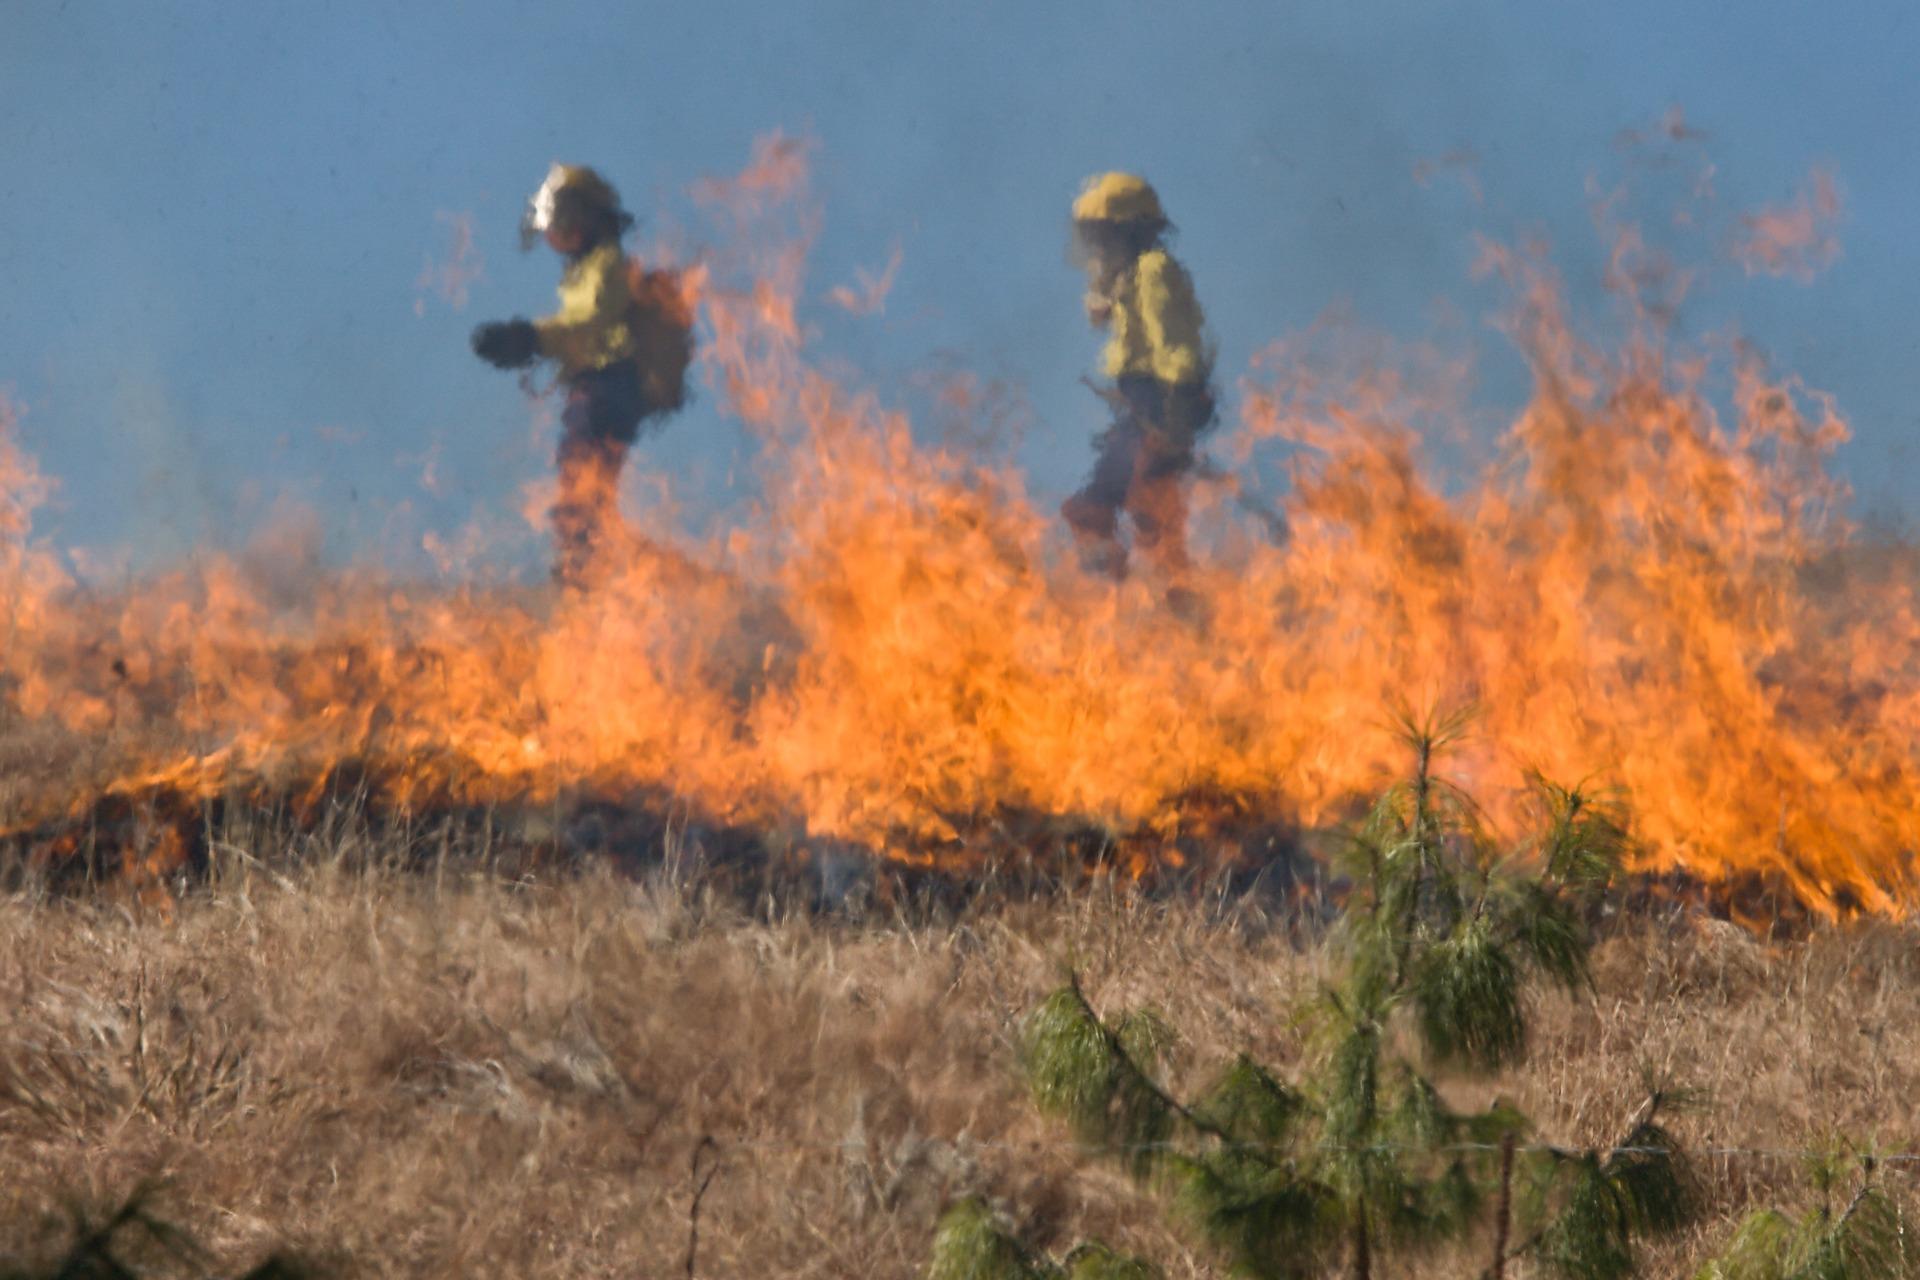 Wypalanie traw jest zagrożeniem dla życia człowieka, zwierząt, a także środowiska naturalnego - Zdjęcie główne